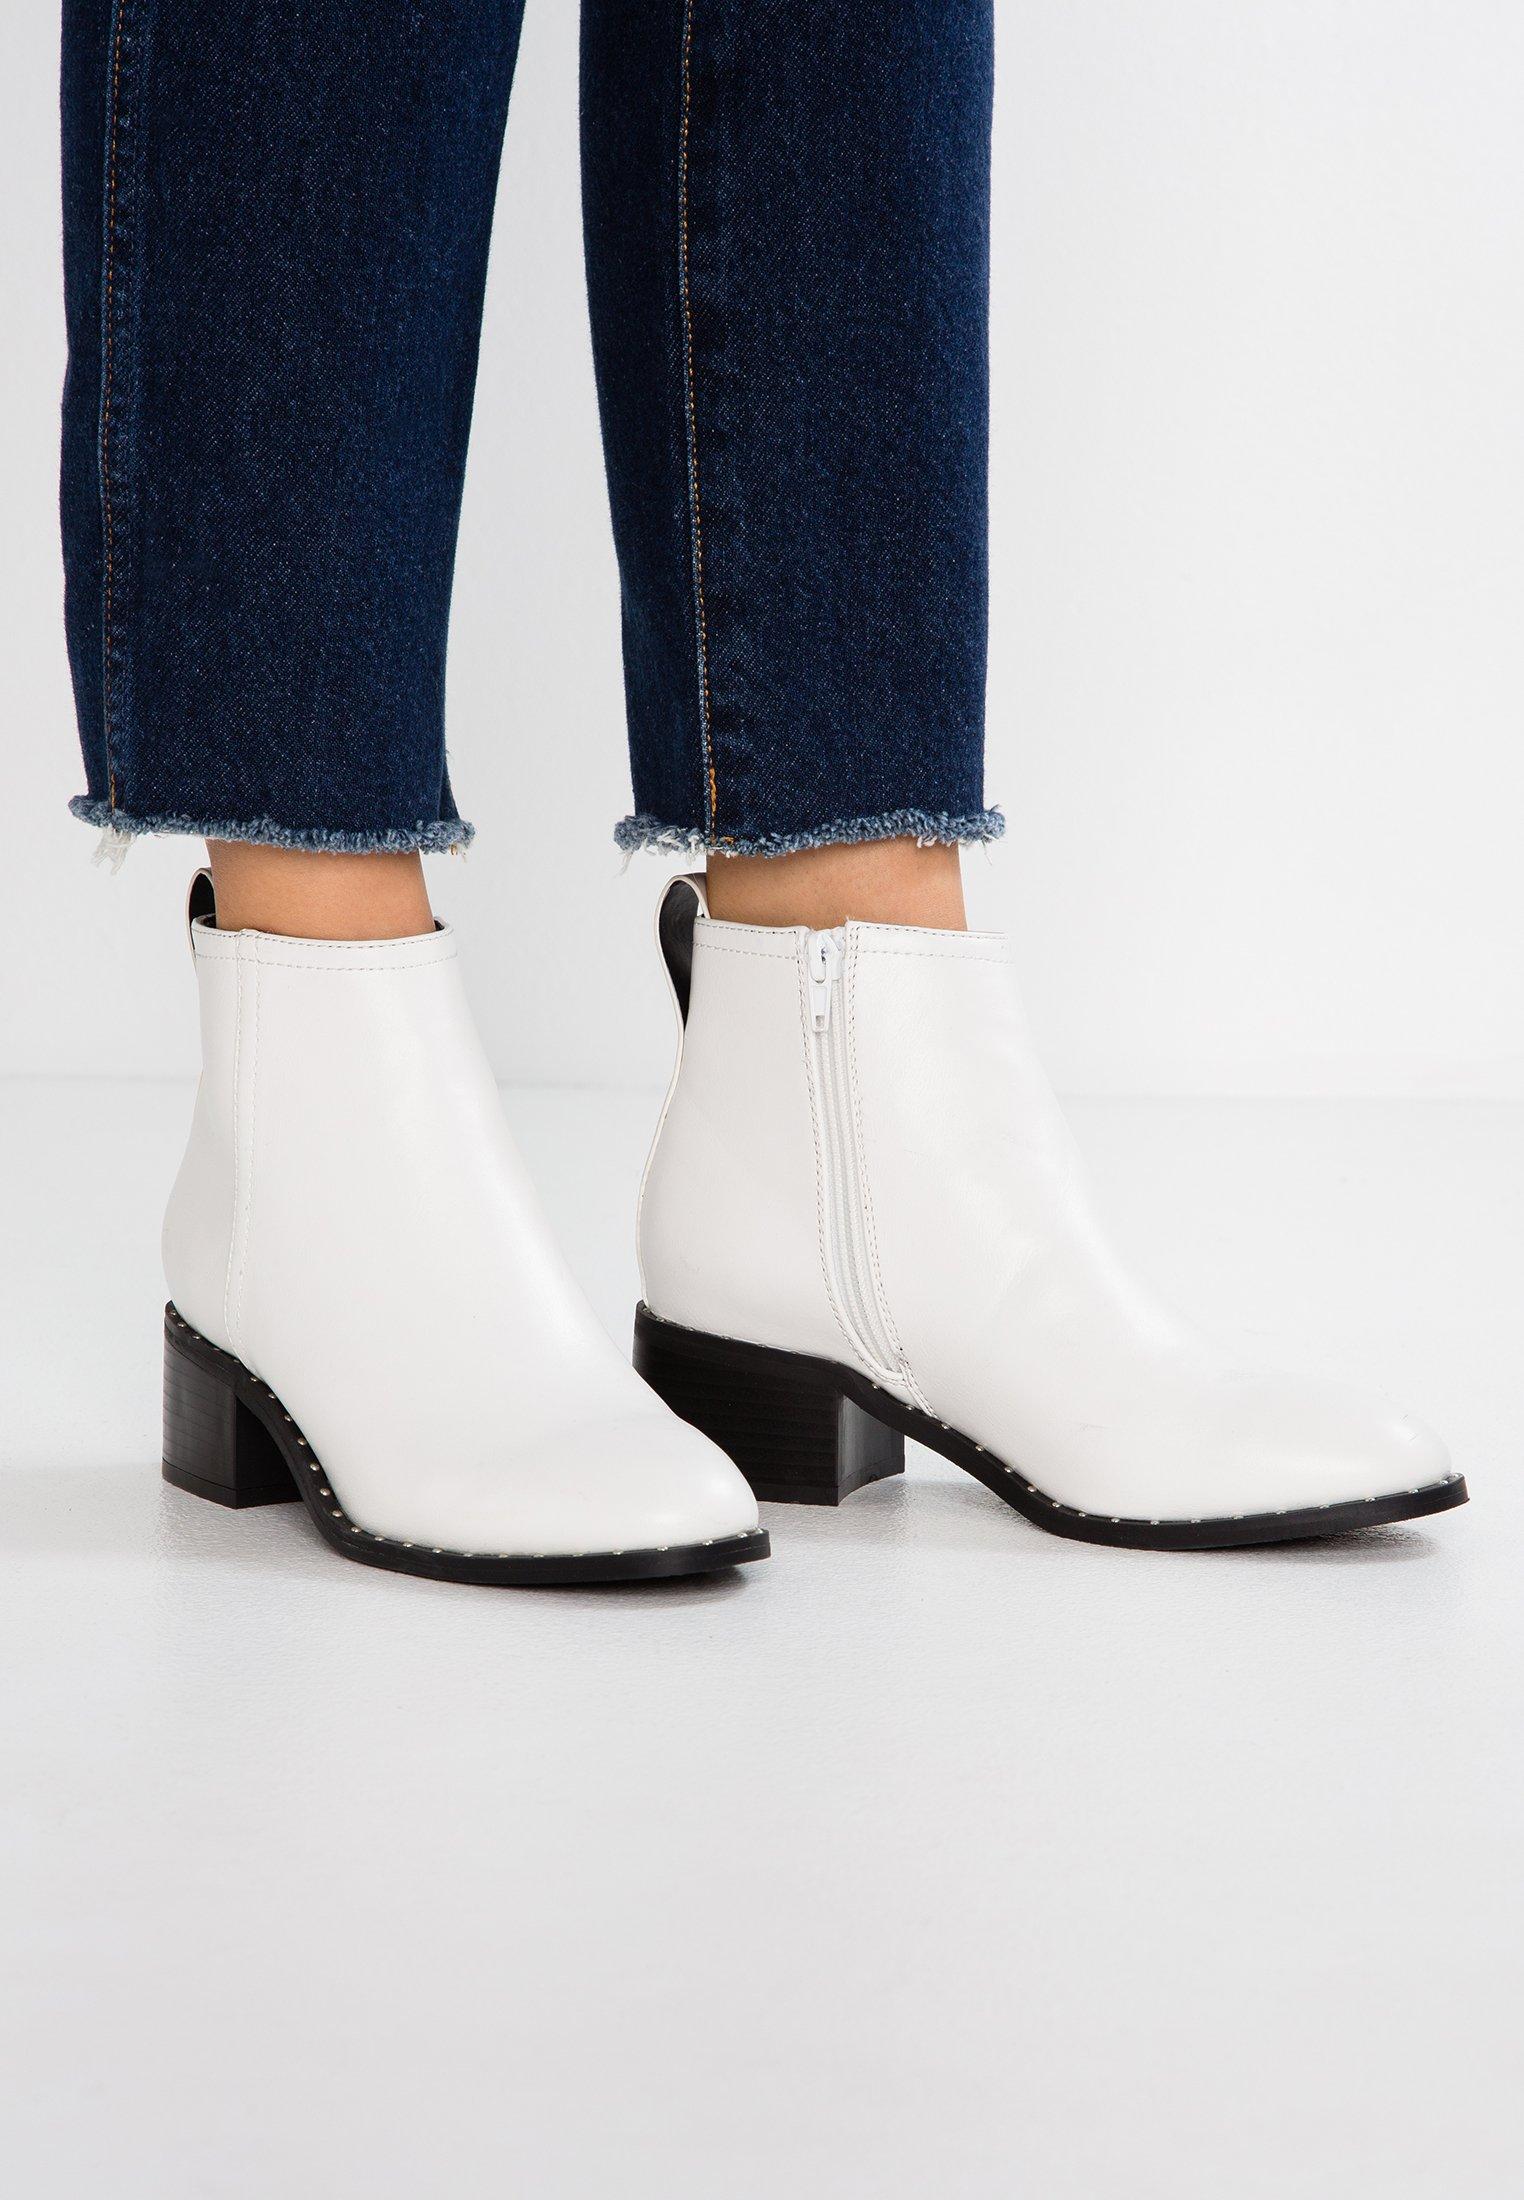 À amp;odd Boots Boots Even TalonsWhite amp;odd À TalonsWhite Even Even 8wPkXNn0OZ